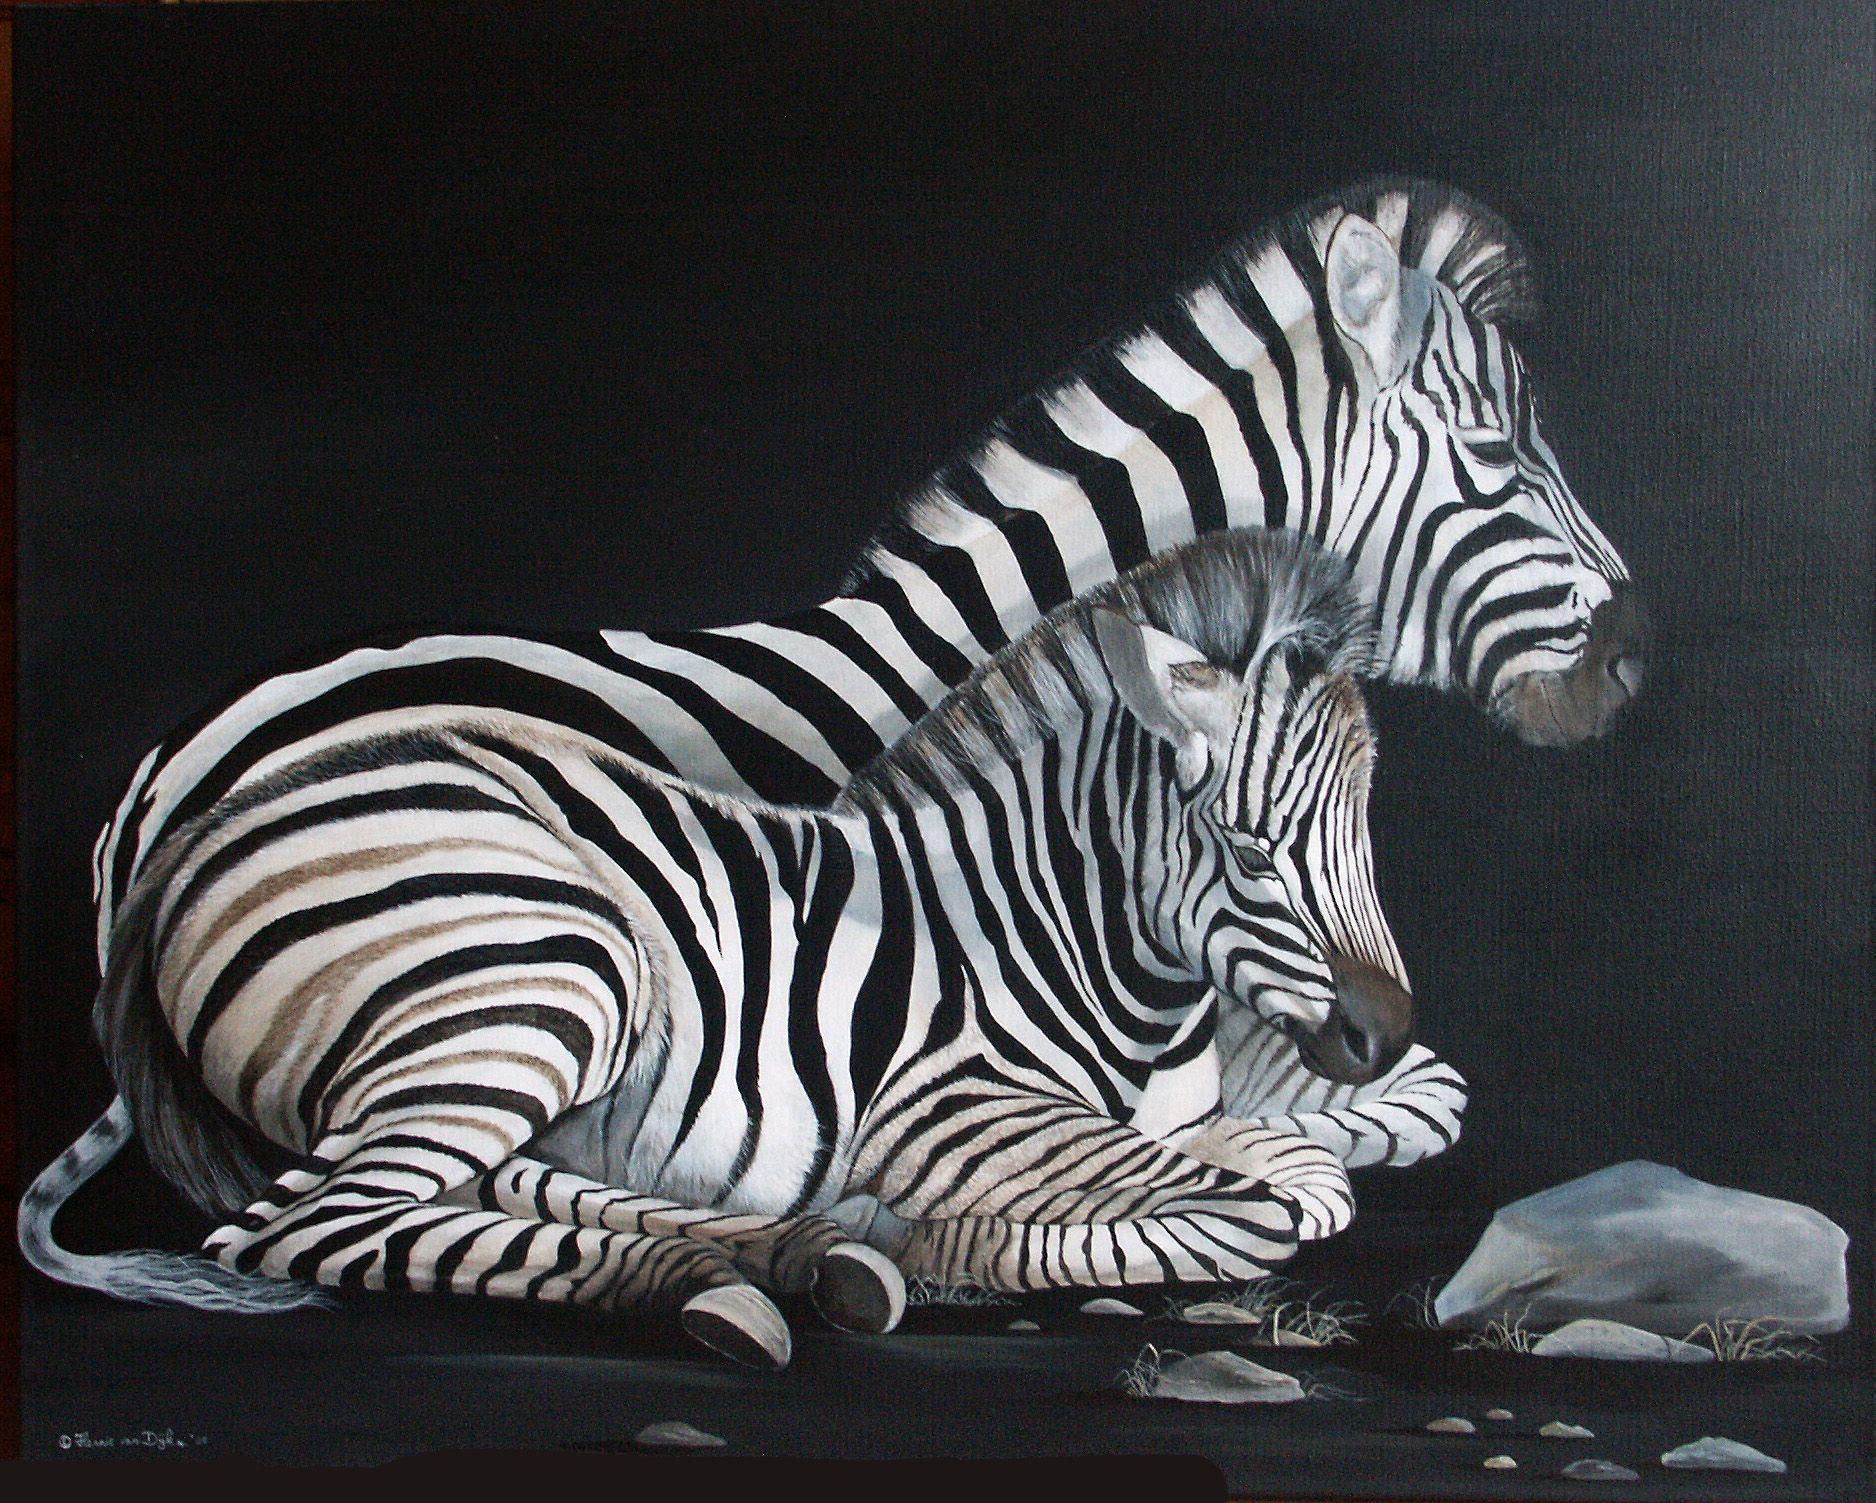 Zebra met veulen acryl op linnen wild life pinterest wild zebra met veulen acryl op linnen thecheapjerseys Gallery